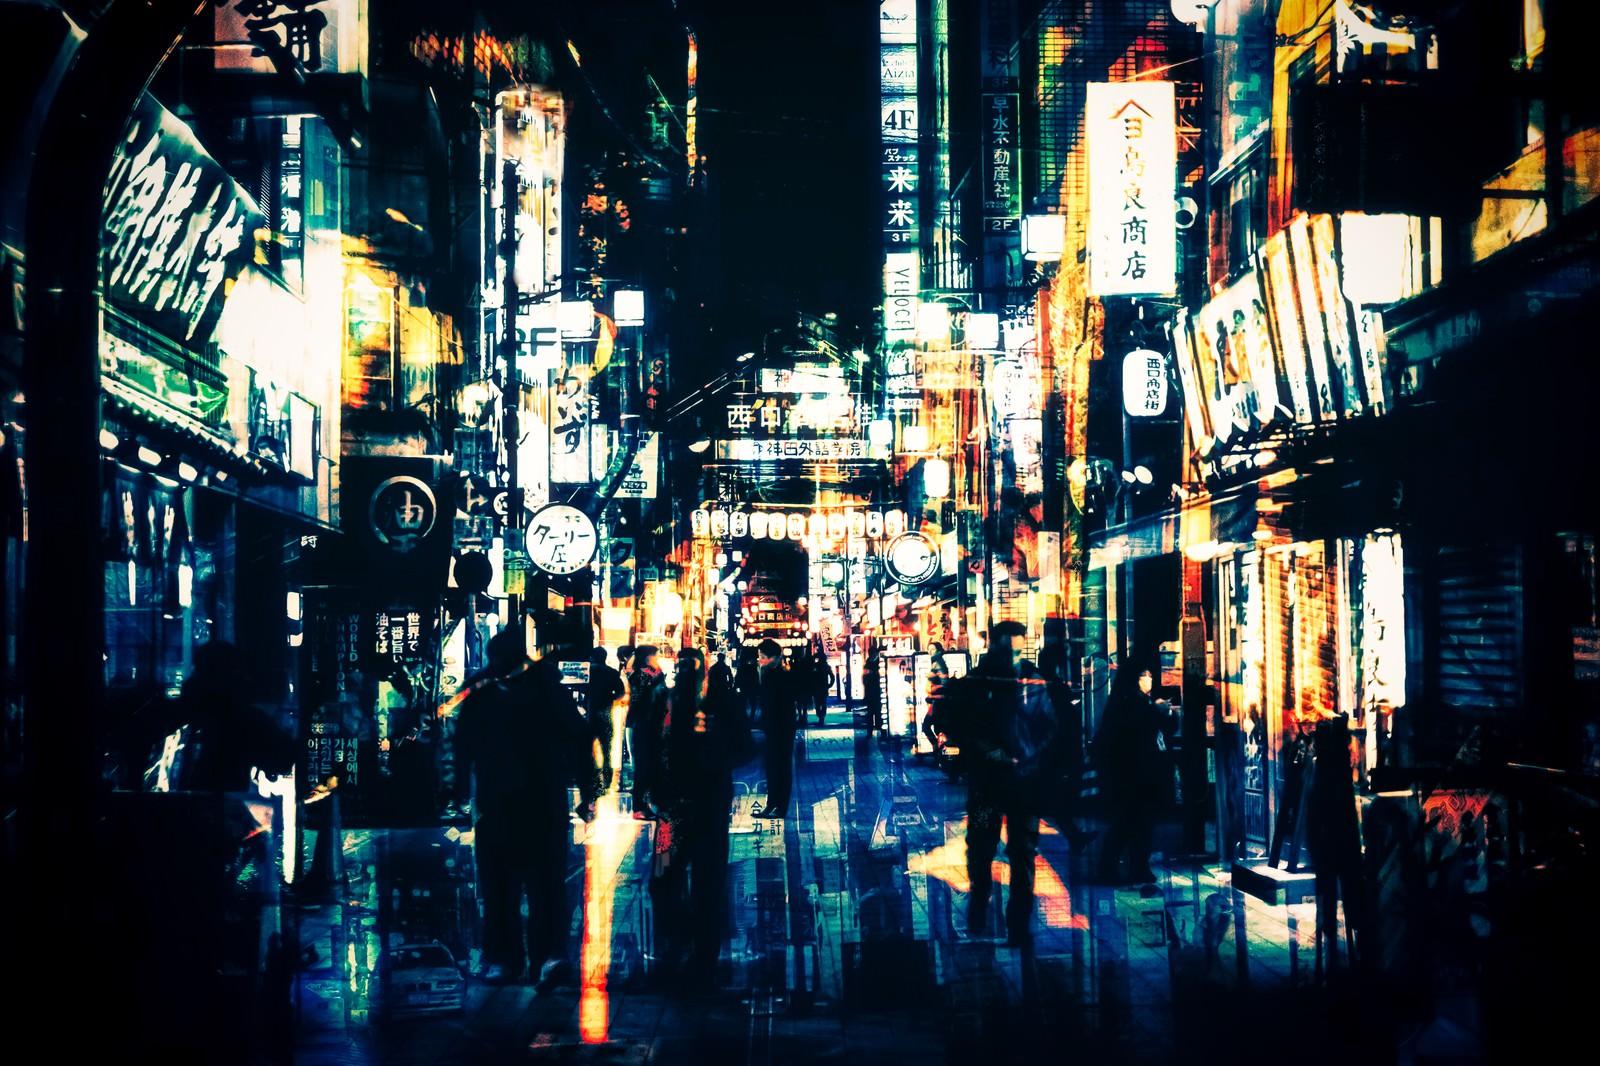 「神田の夜」の写真